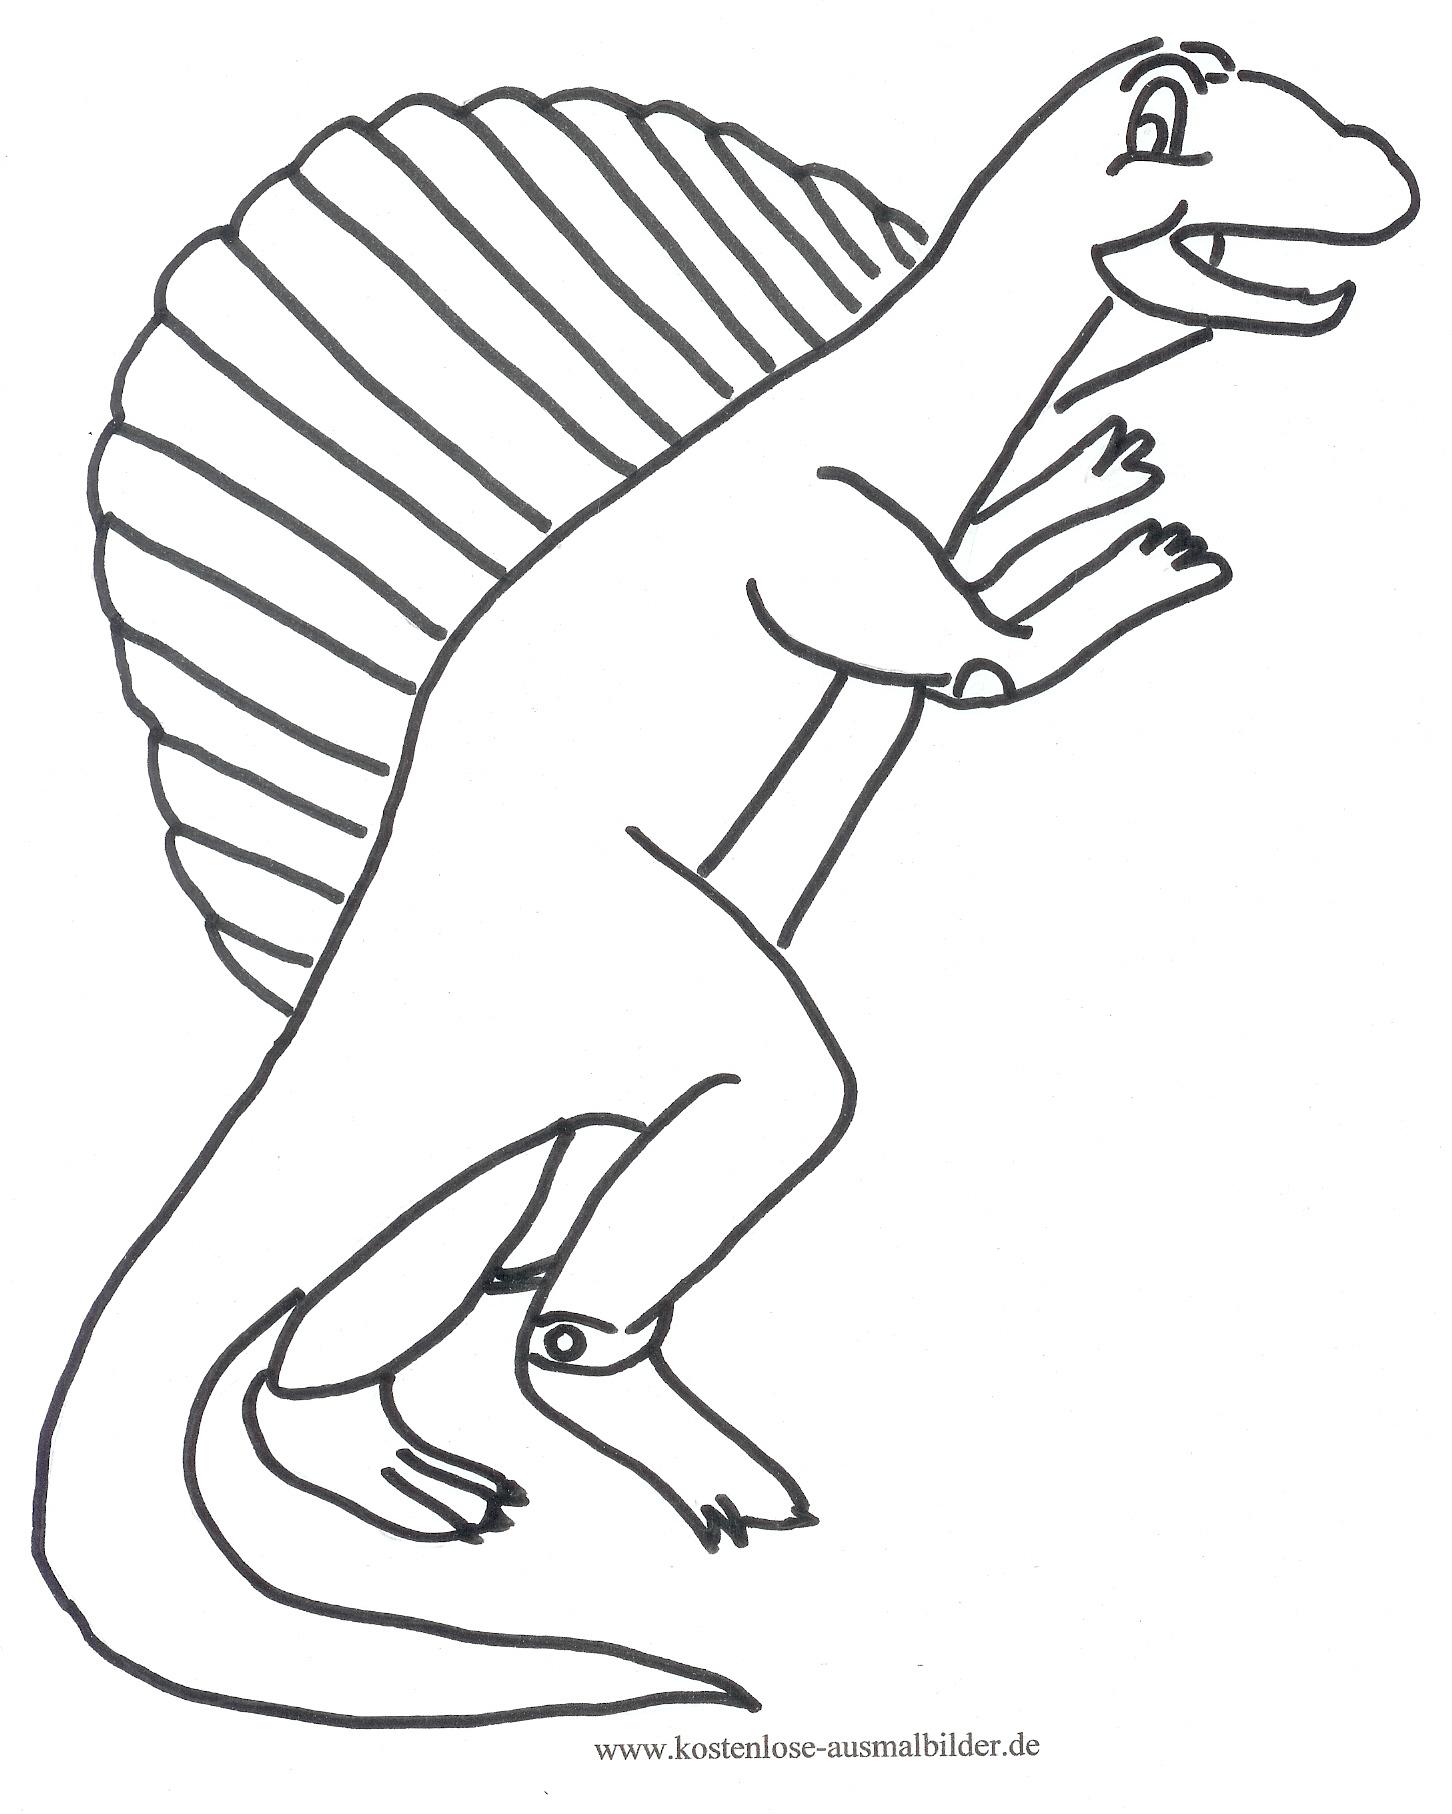 Ausmalbild Dino 1 Zum Ausdrucken über Dino Ausmalbild